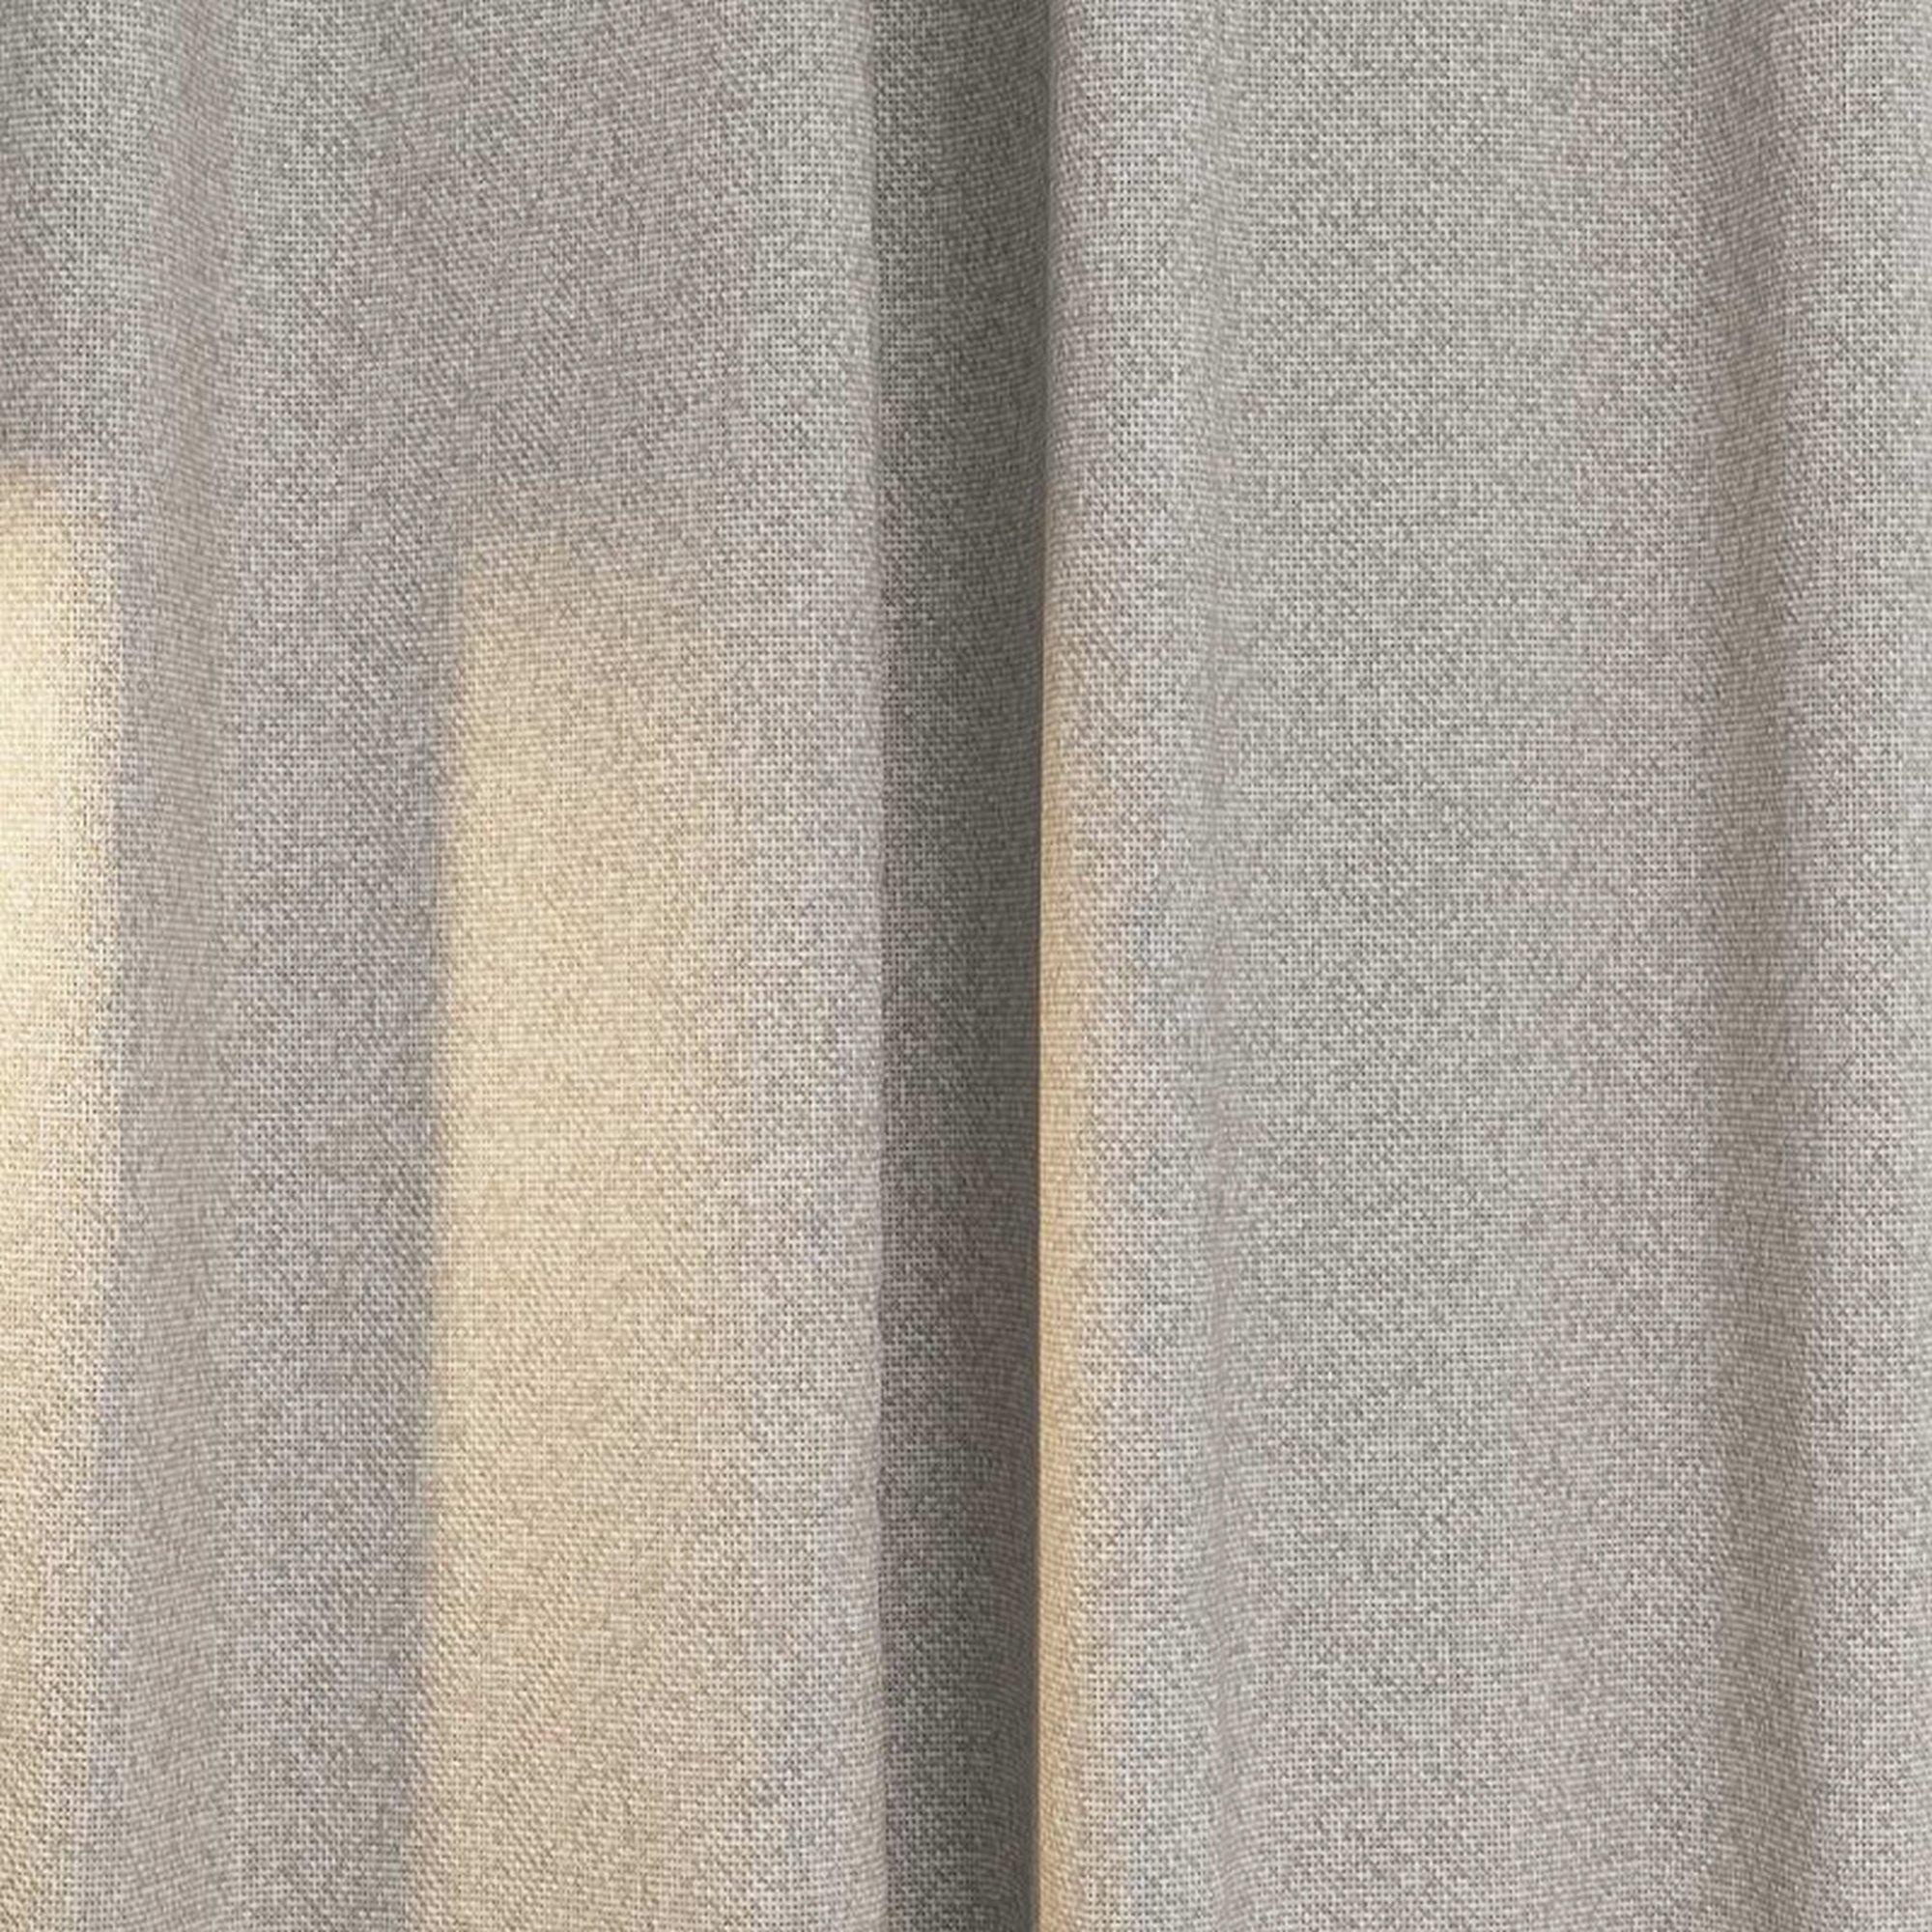 Купить в томске ткань для штор матренин посад канва с рисунком интернет магазин вышивка крестом распродажа